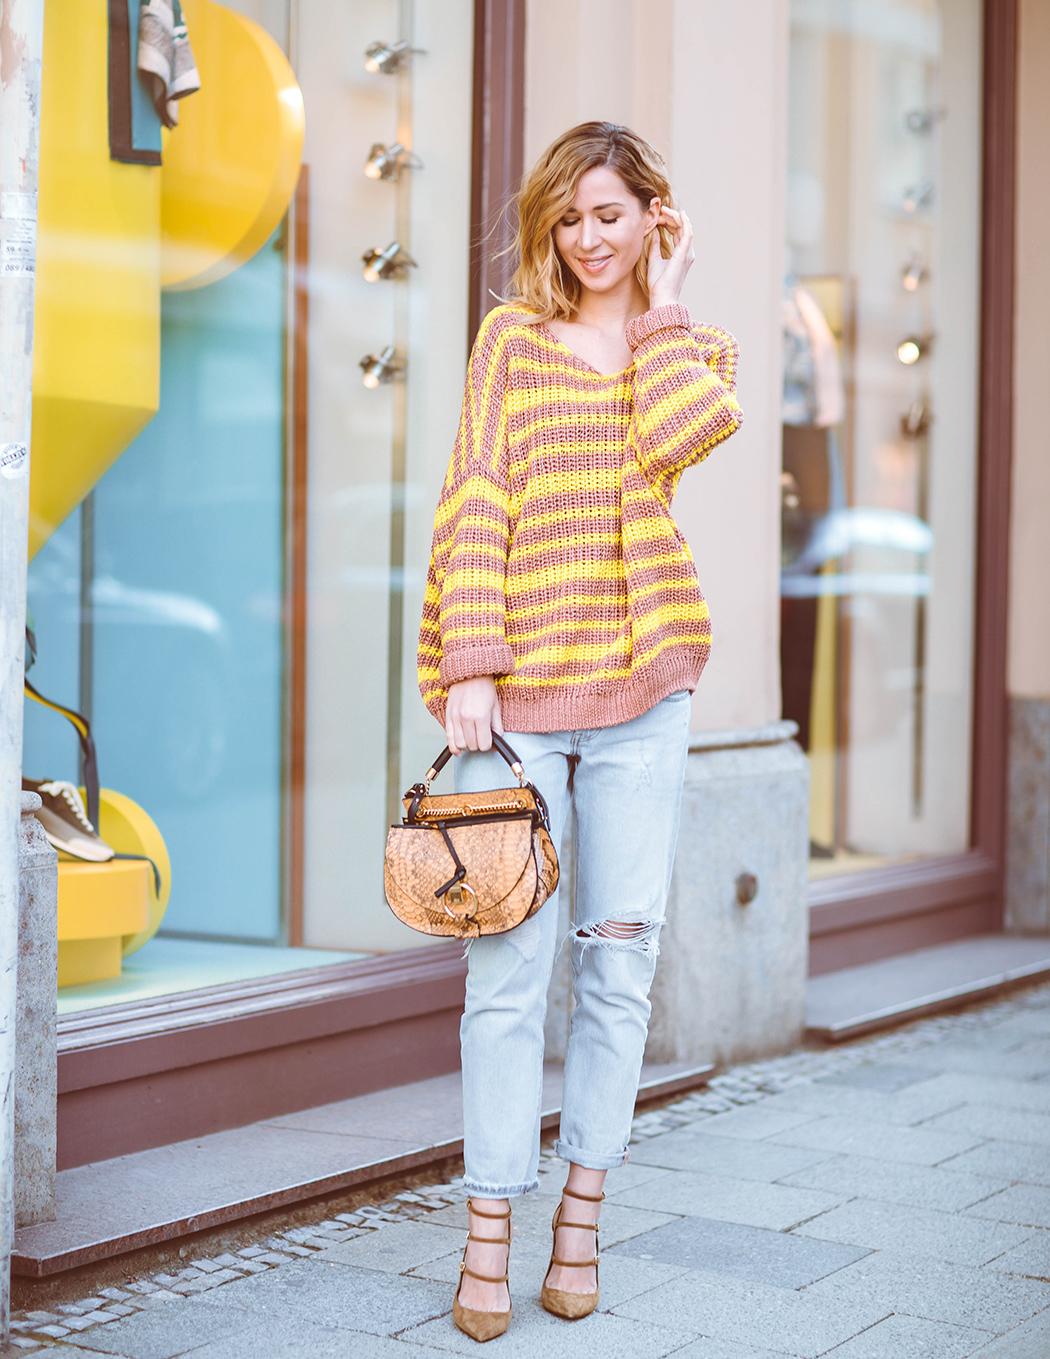 Fashionblog-Fashionblogger-Fashion-Blog-Blogger-Muenchen-Deutschland-American-Vintage-gelb-Lindarella-2-web